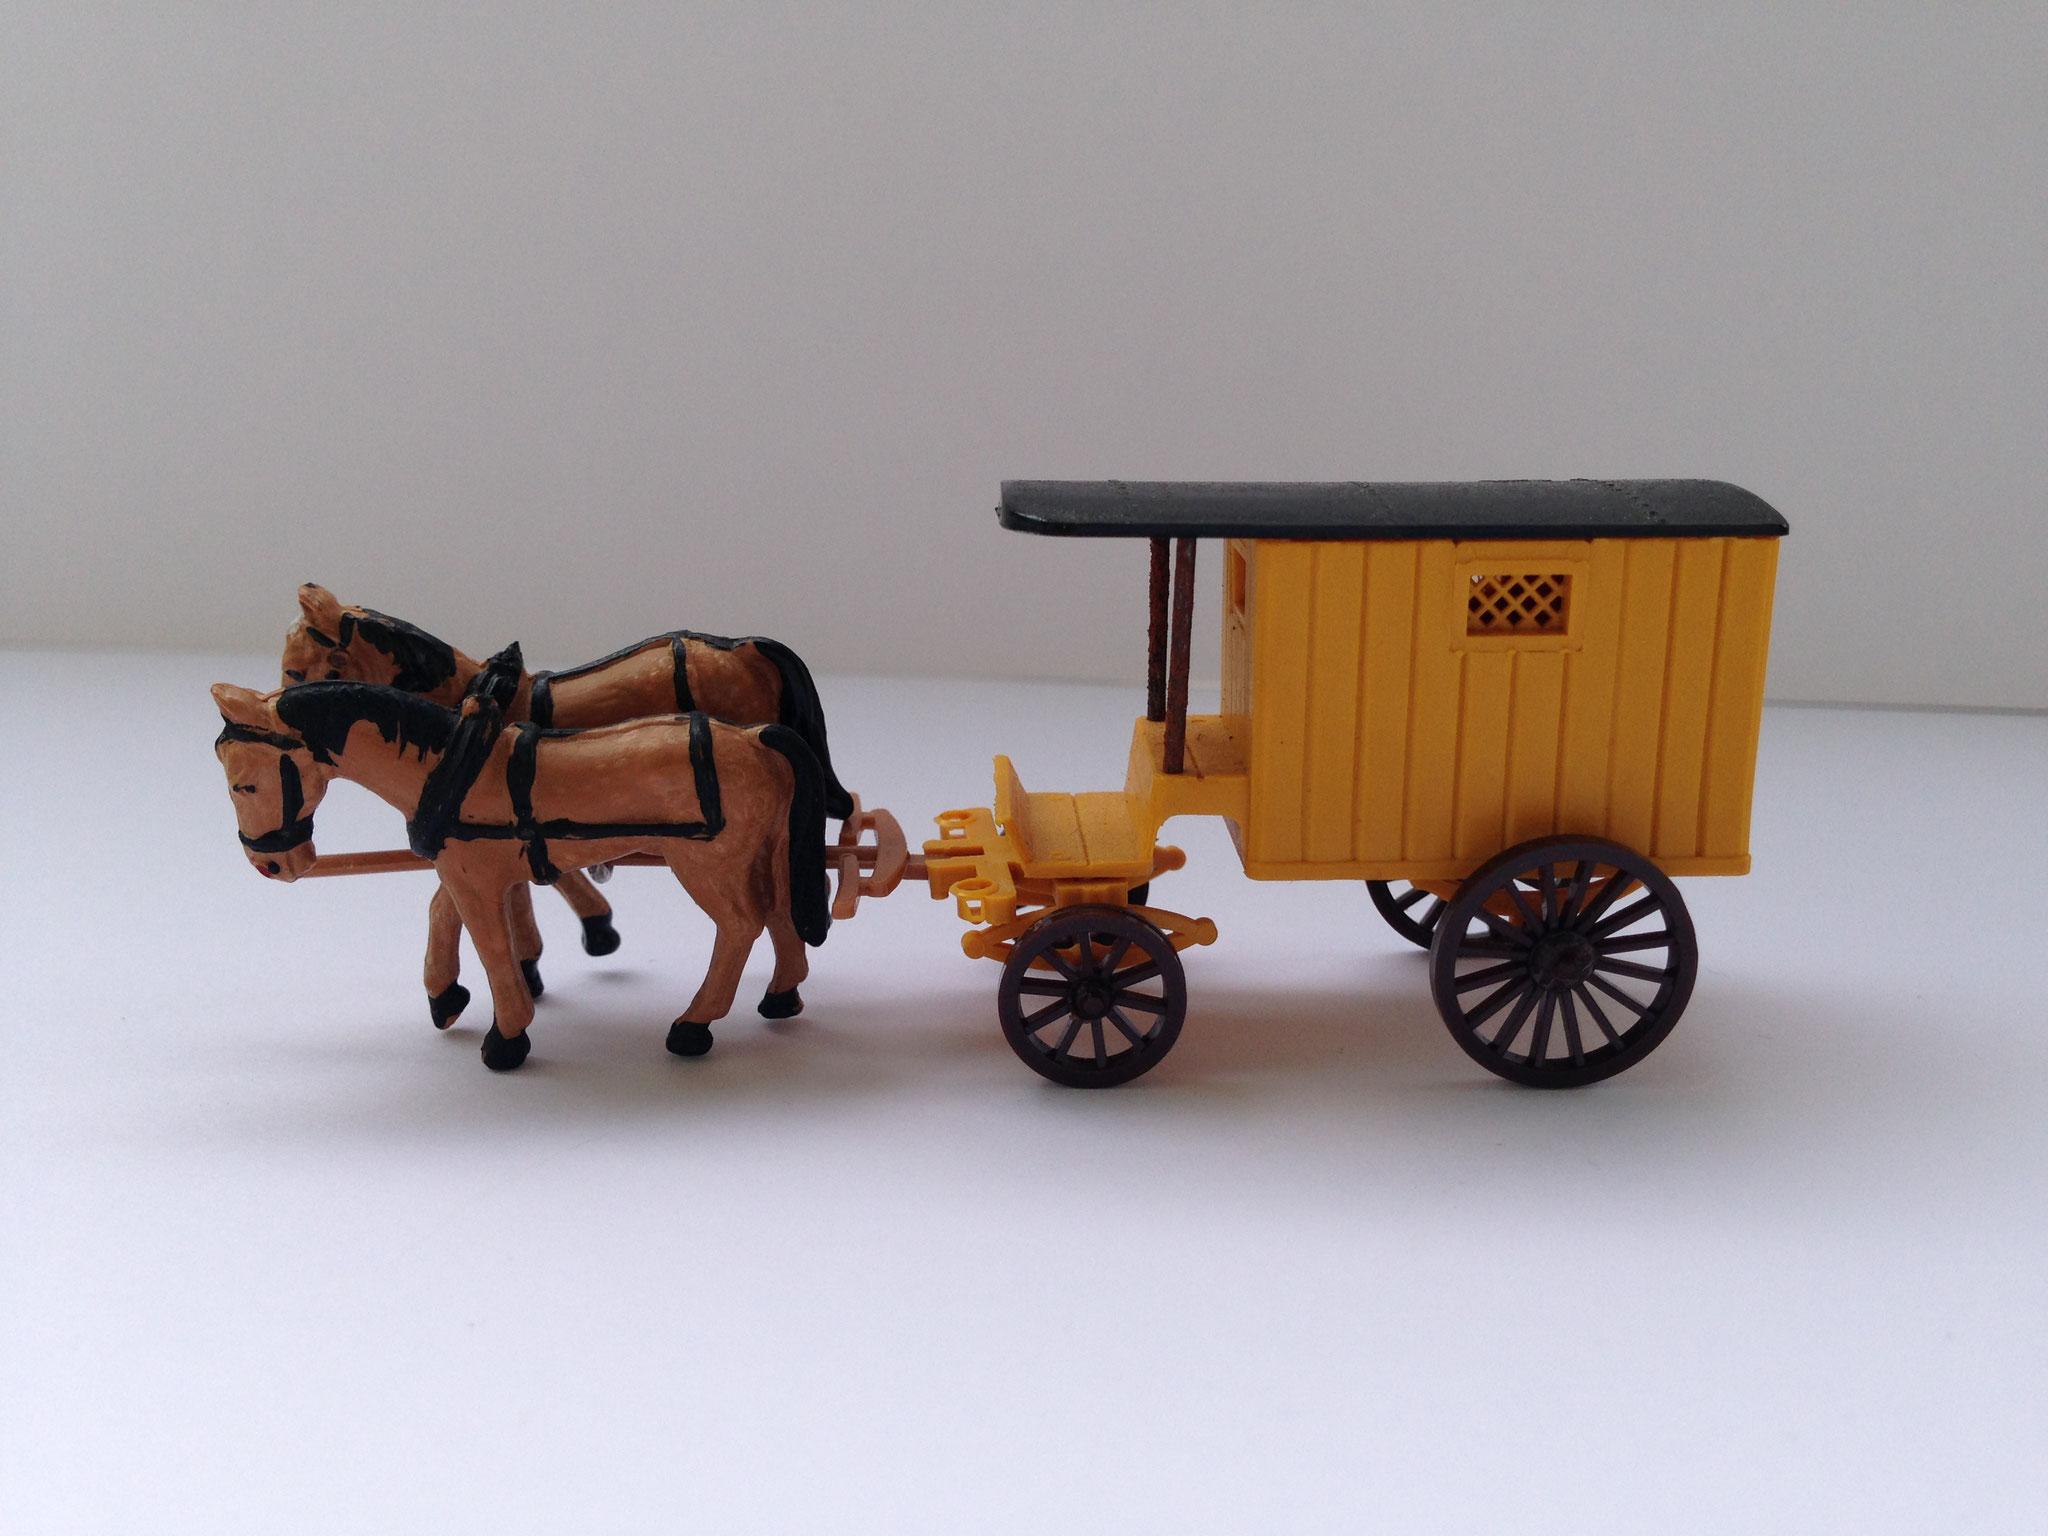 Lieferwagen mit Pferdegespann, Art. Nr. 209 (ab 1956/57 im Programm)